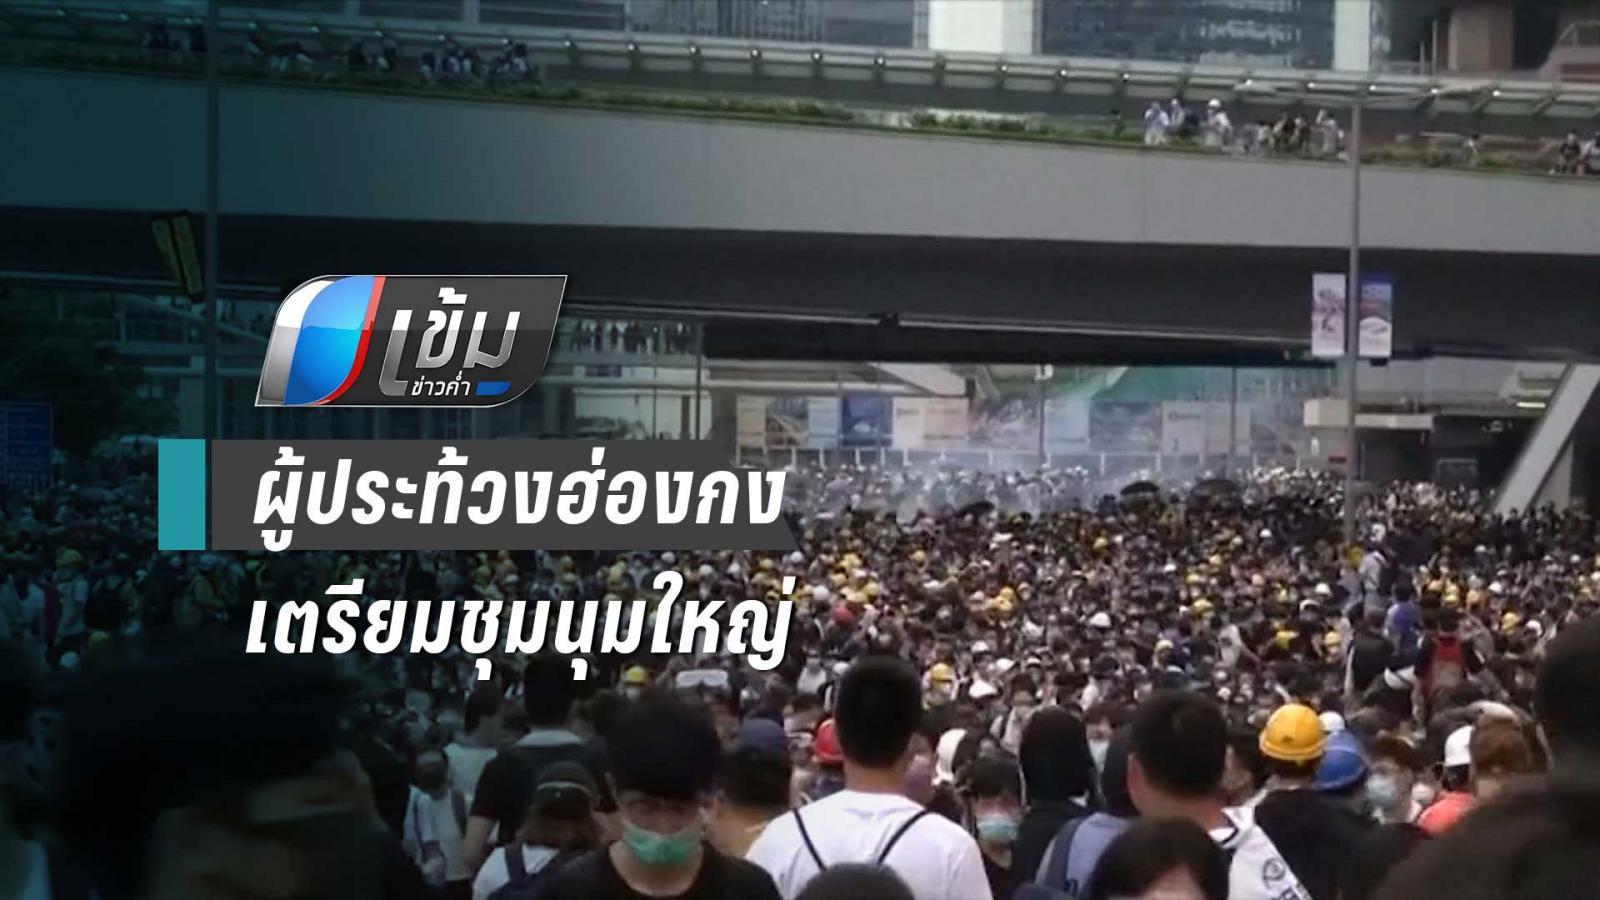 เลื่อนไม่พอ! ผู้ประท้วงฮ่องกง เดินหน้าชุมนุมใหญ่ 2 วัน จี้ รบ.ถอนร่างกฎหมายส่งผู้ร้ายข้ามแดน